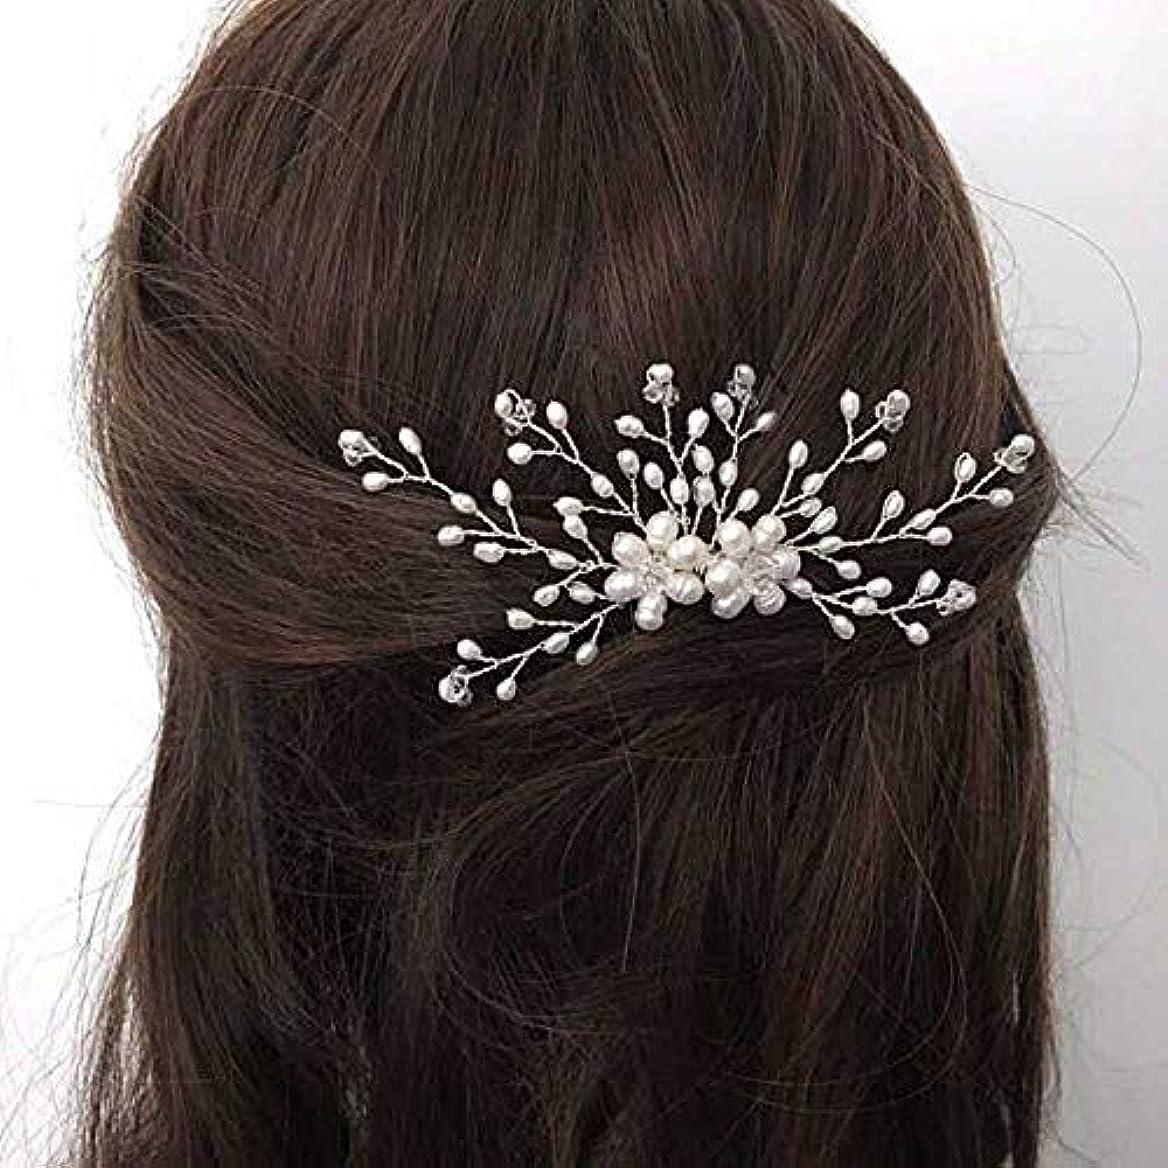 ポスターブレーク担当者Jovono Bride Wedding Hair Comb Bridal Headpieces Beaded Hair Accessories with Crystal for Women and Girls (Silver...